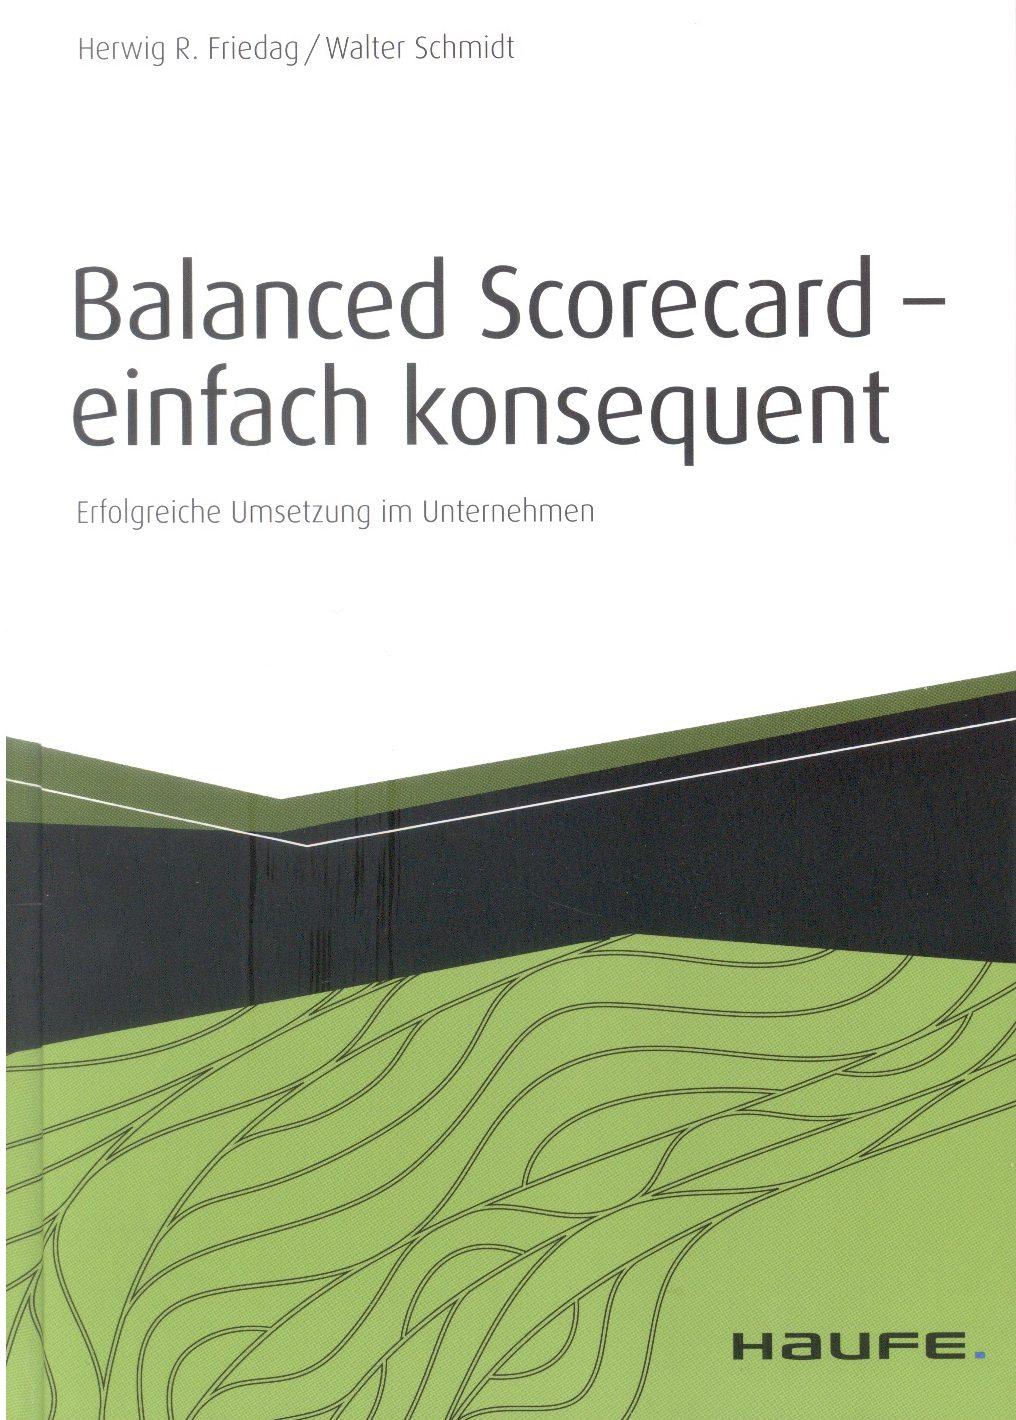 einfach konsequent Deckblatt_2014-08